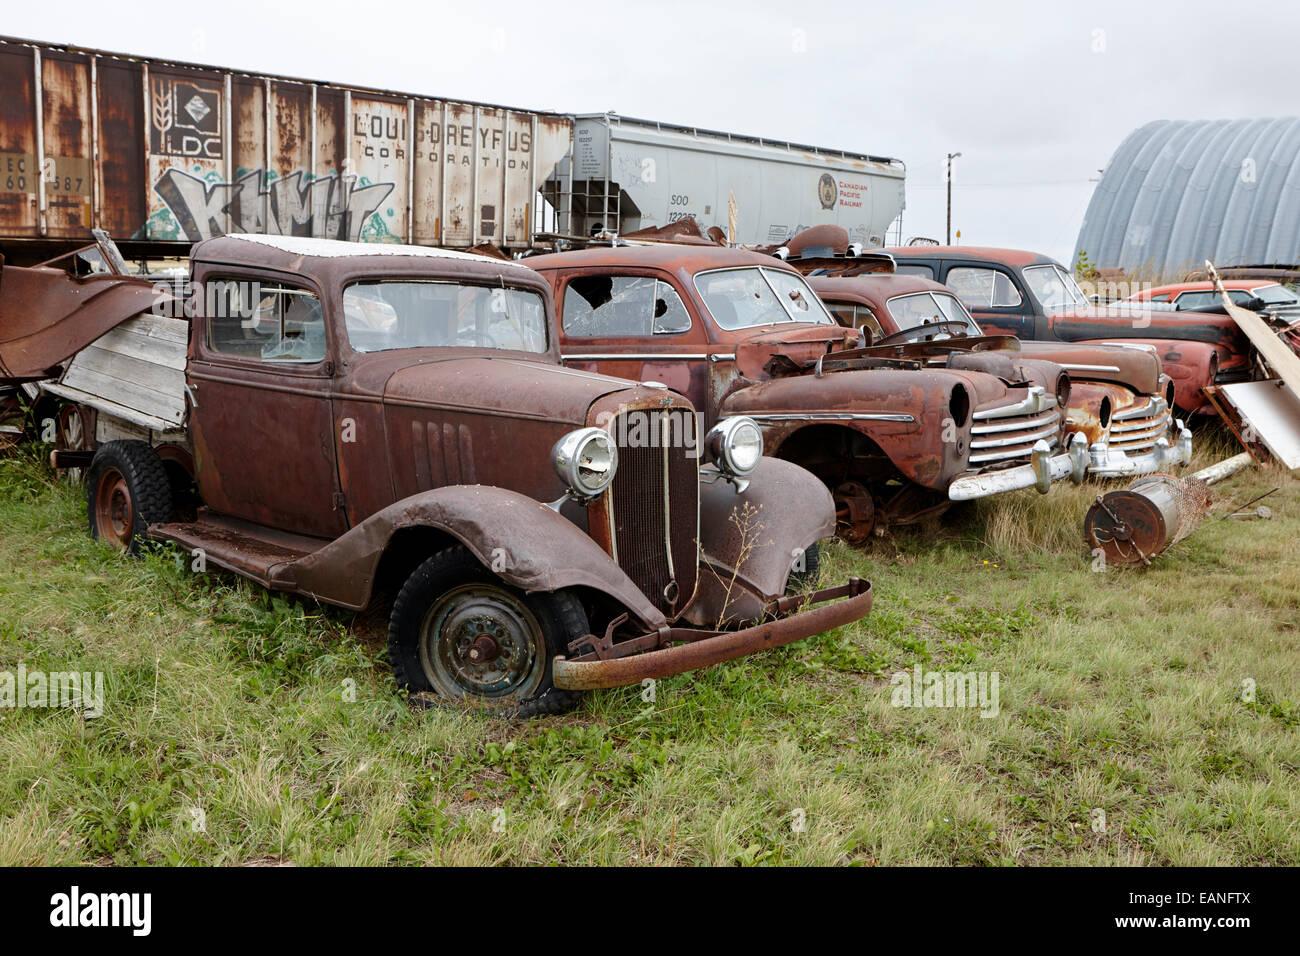 Vintage Chevrolet et historique dans les véhicules Ford Canada Saskatchewan junkyard Photo Stock